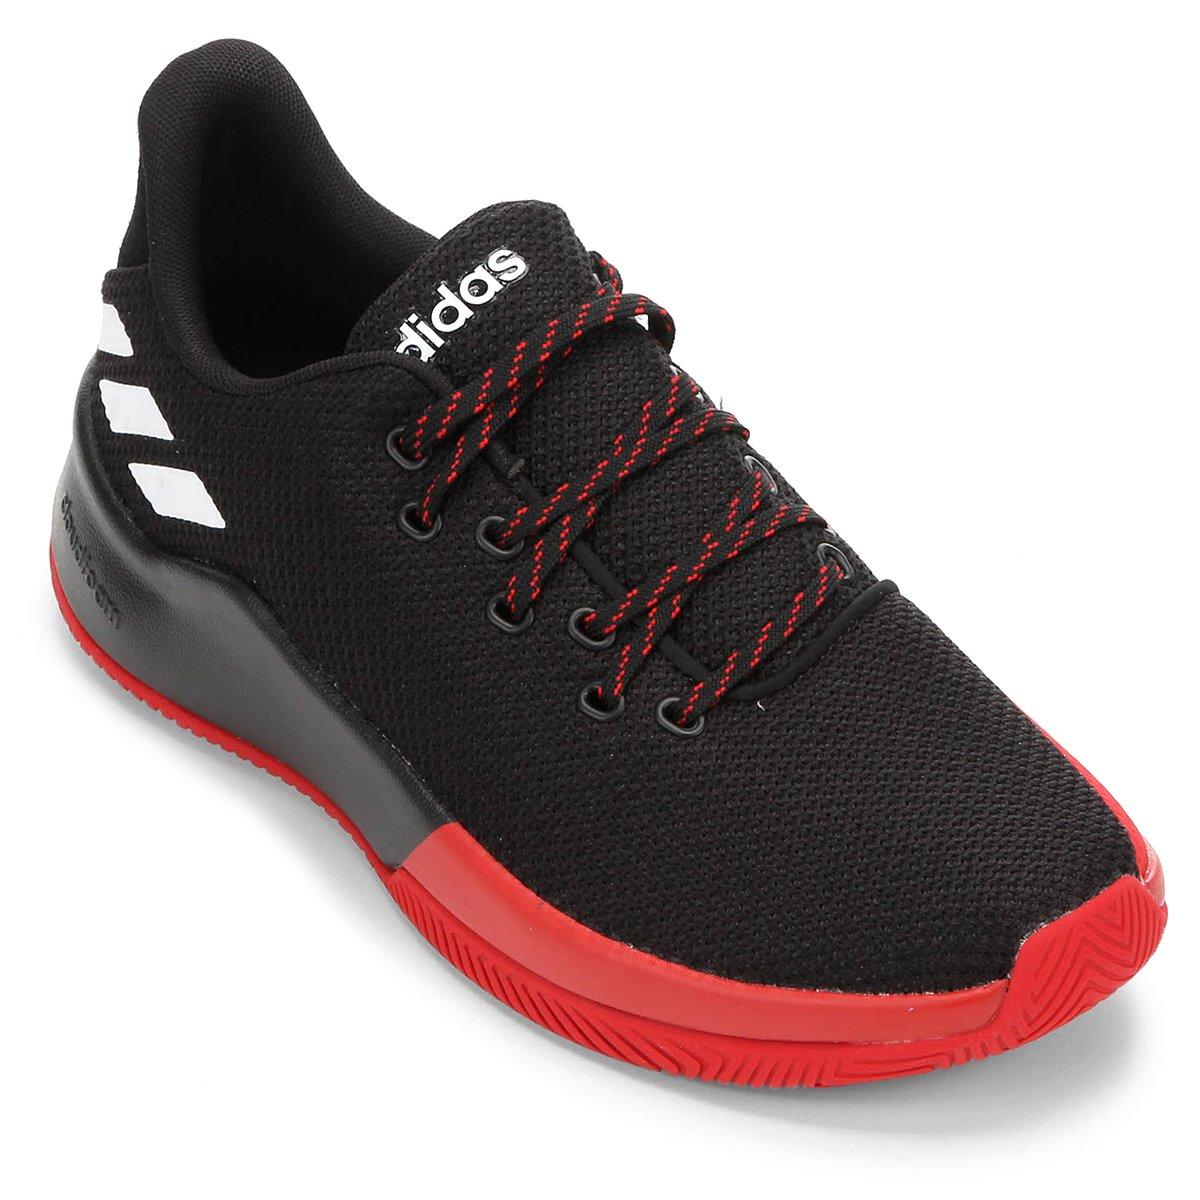 Tênis Adidas Spd Takeover Masculino - Compre Agora  8f08a878577db